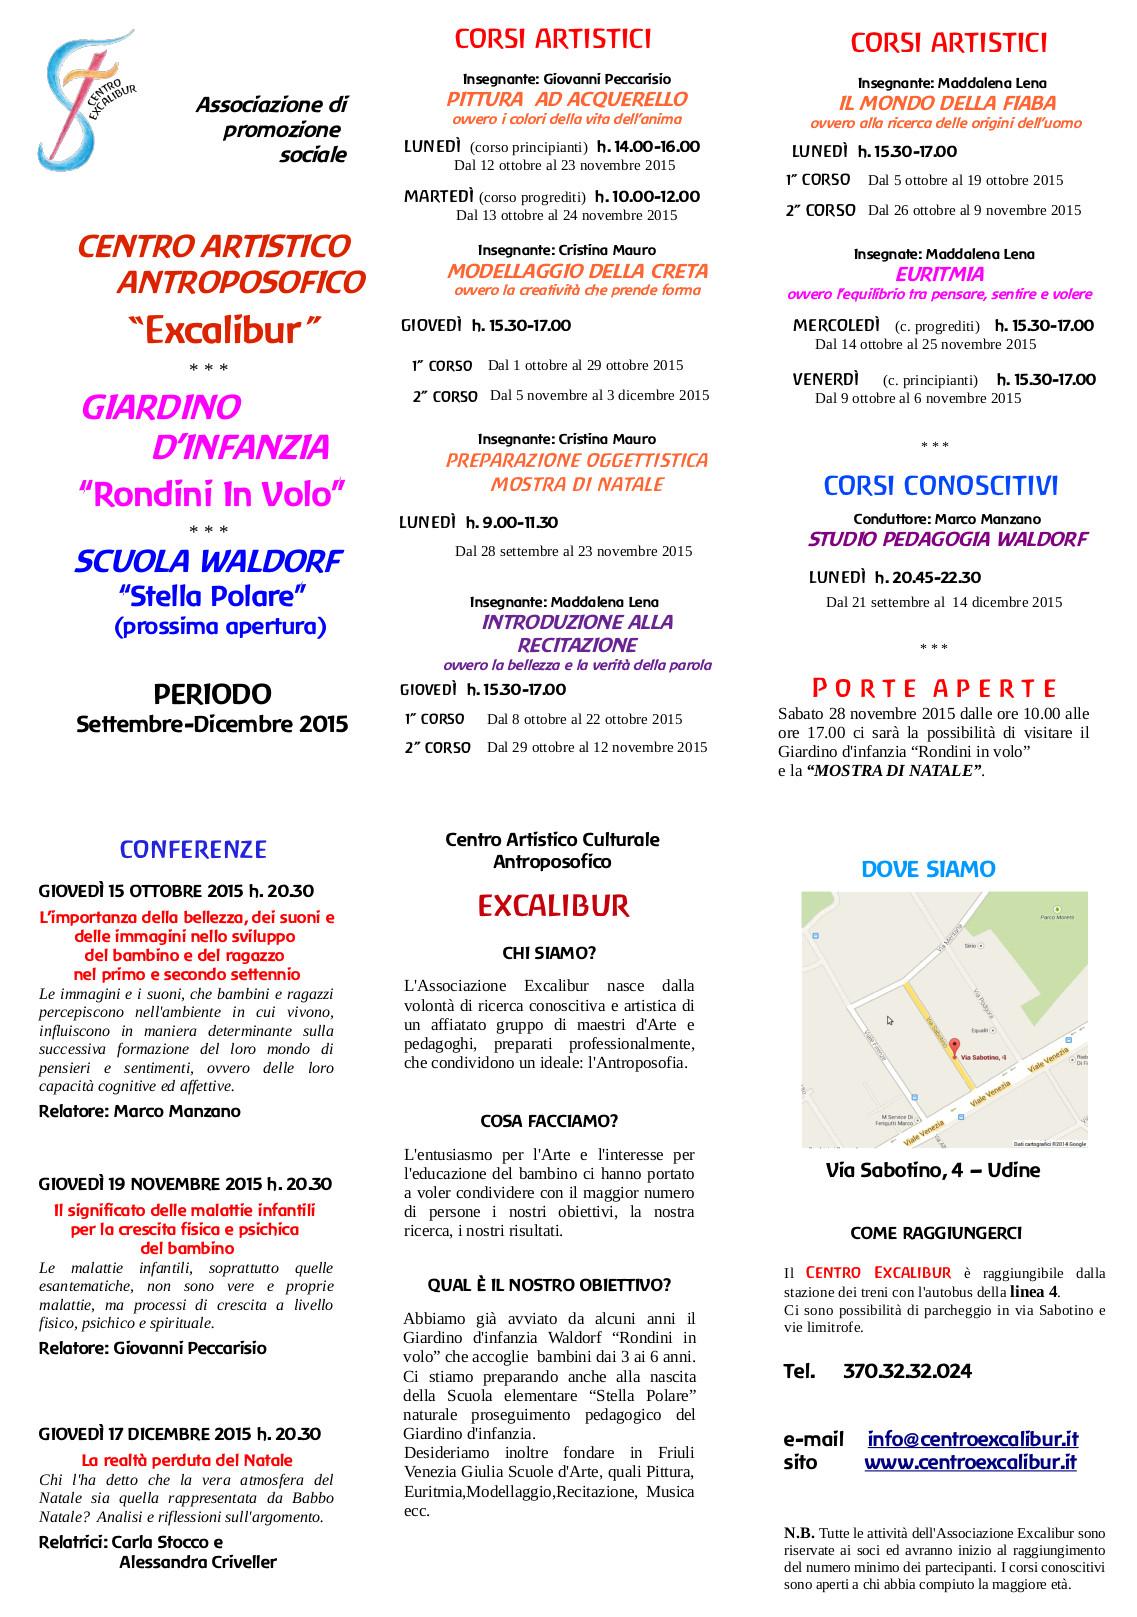 Attività ottobre-dicembre 2015